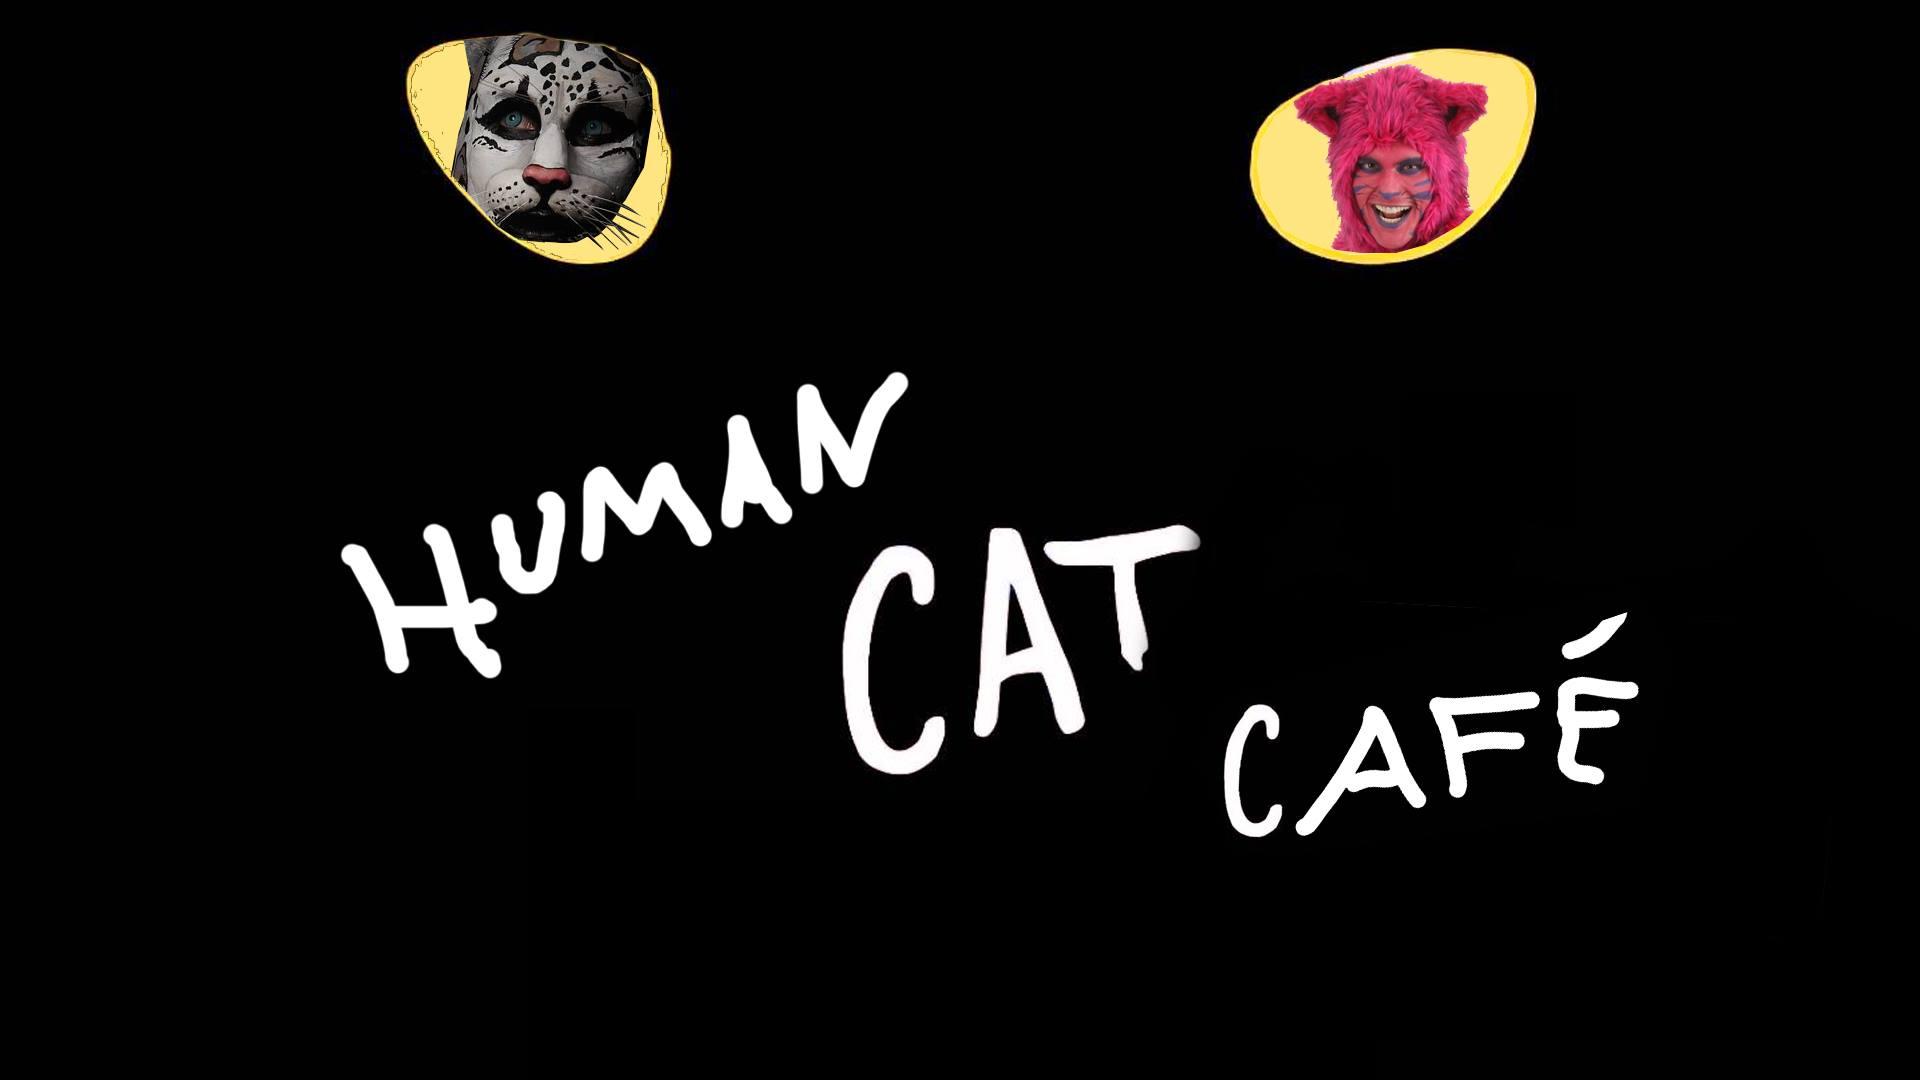 cat-cafe-toronto